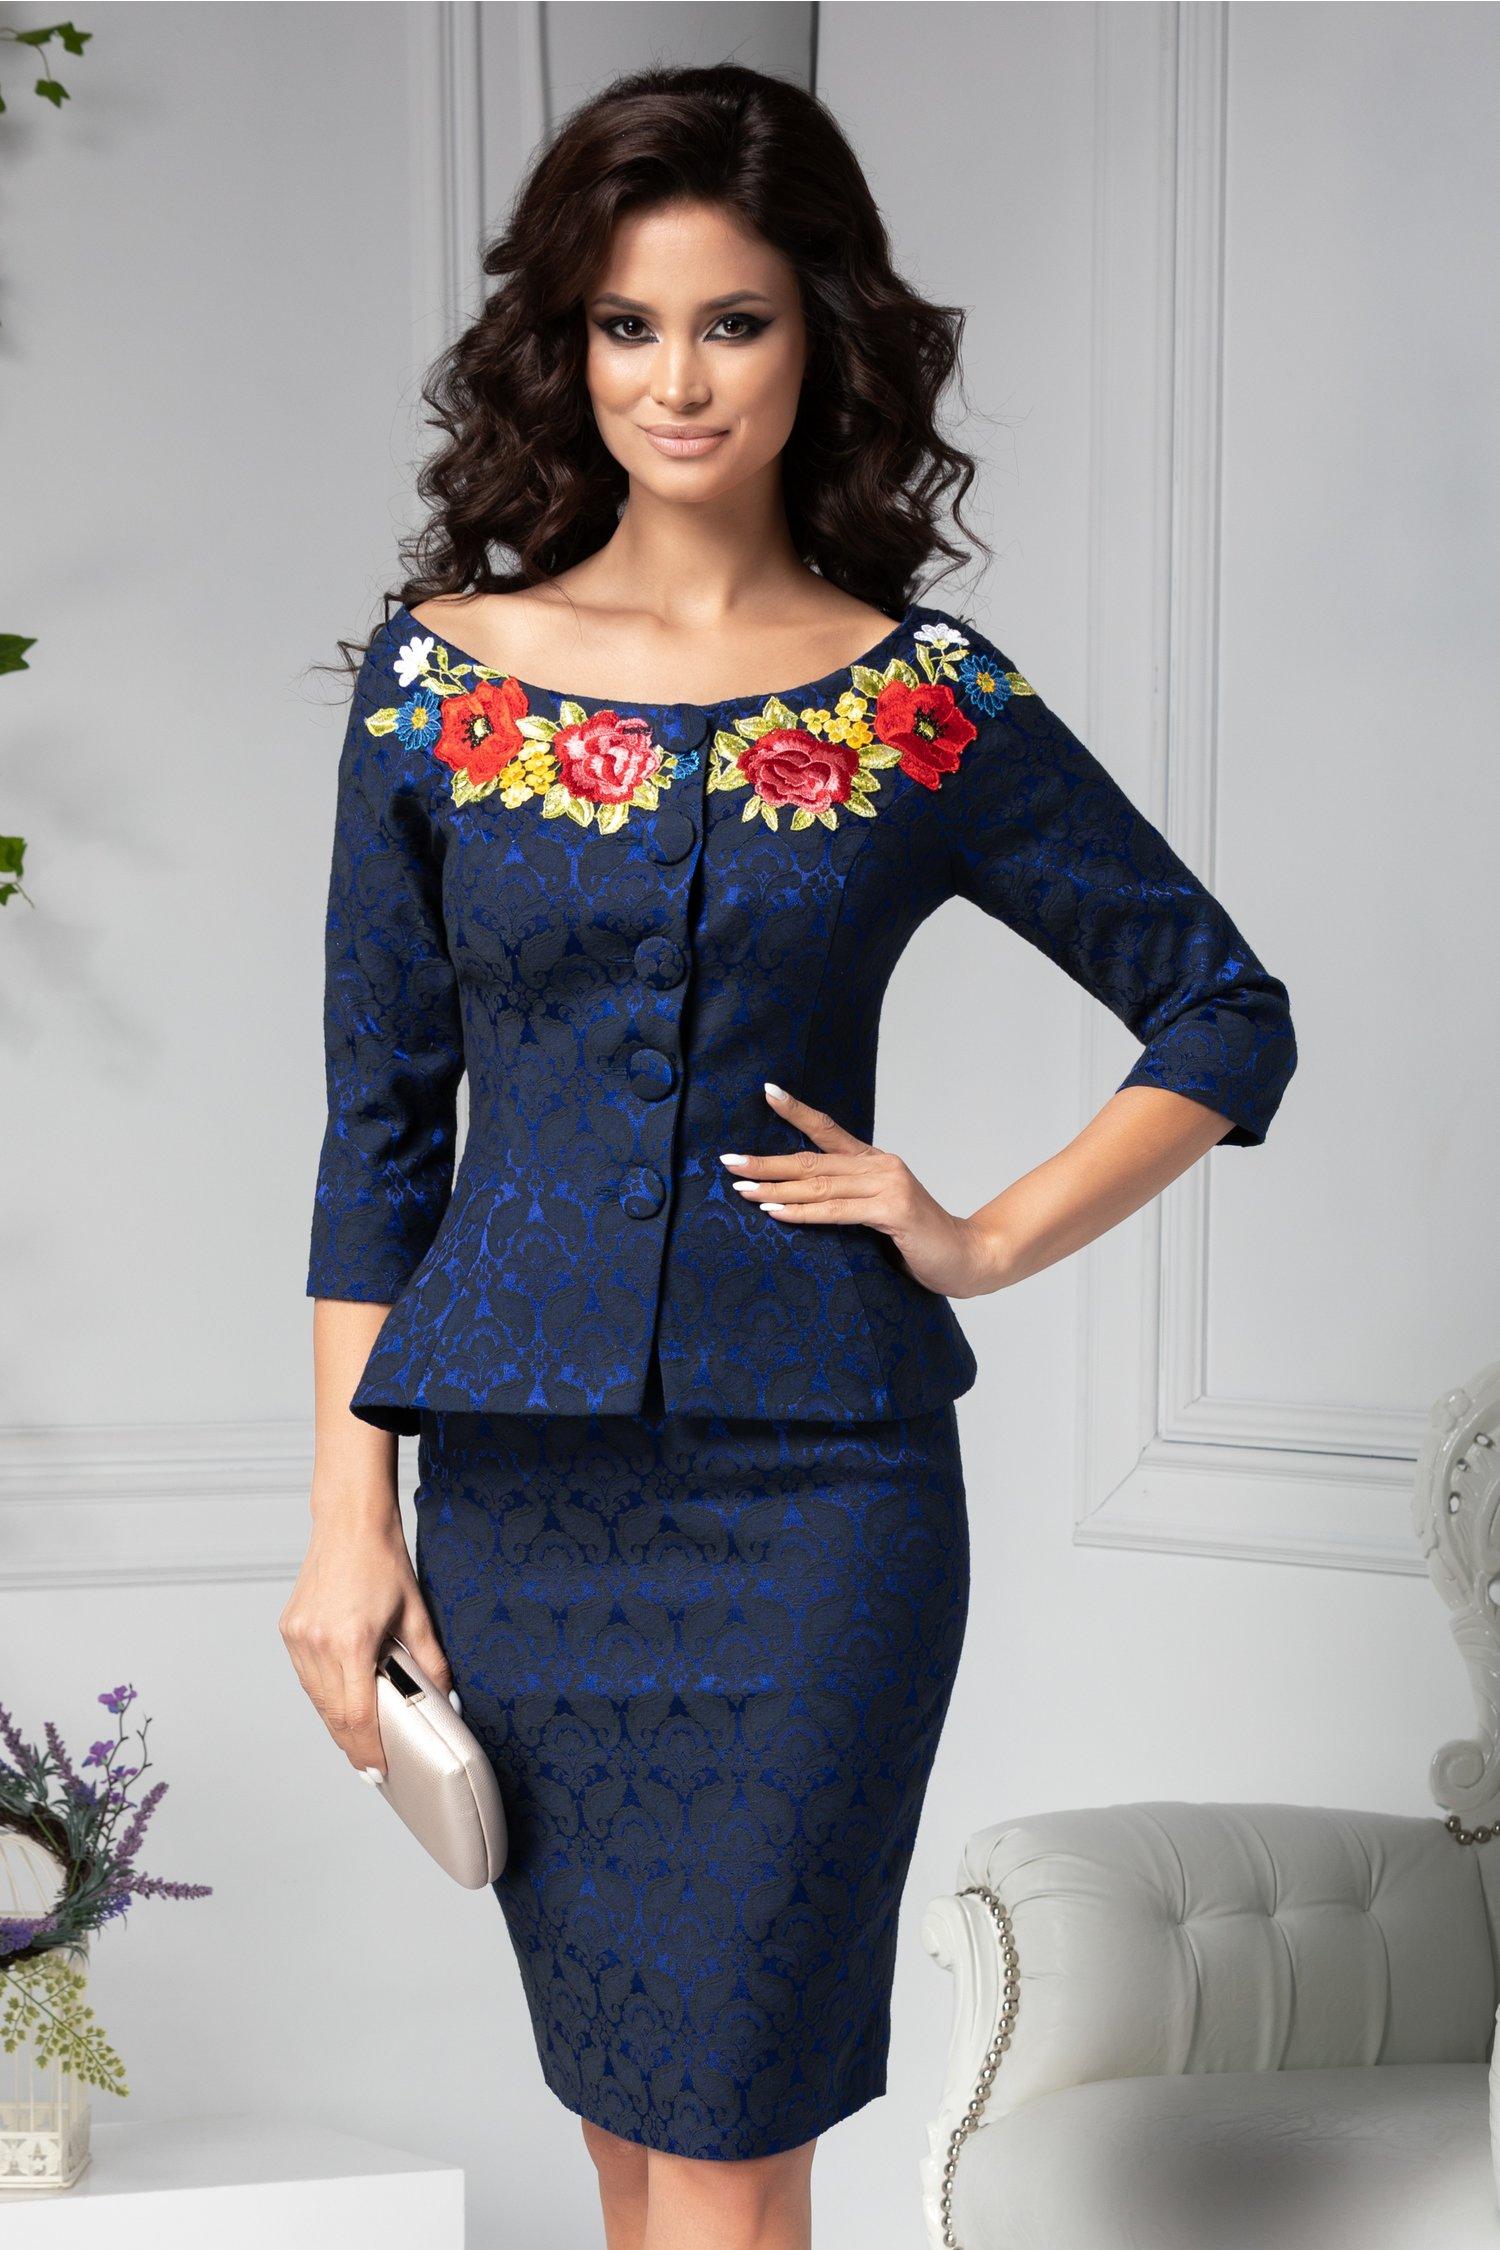 Compleu dama bleumarin cu detalii florale si broderie